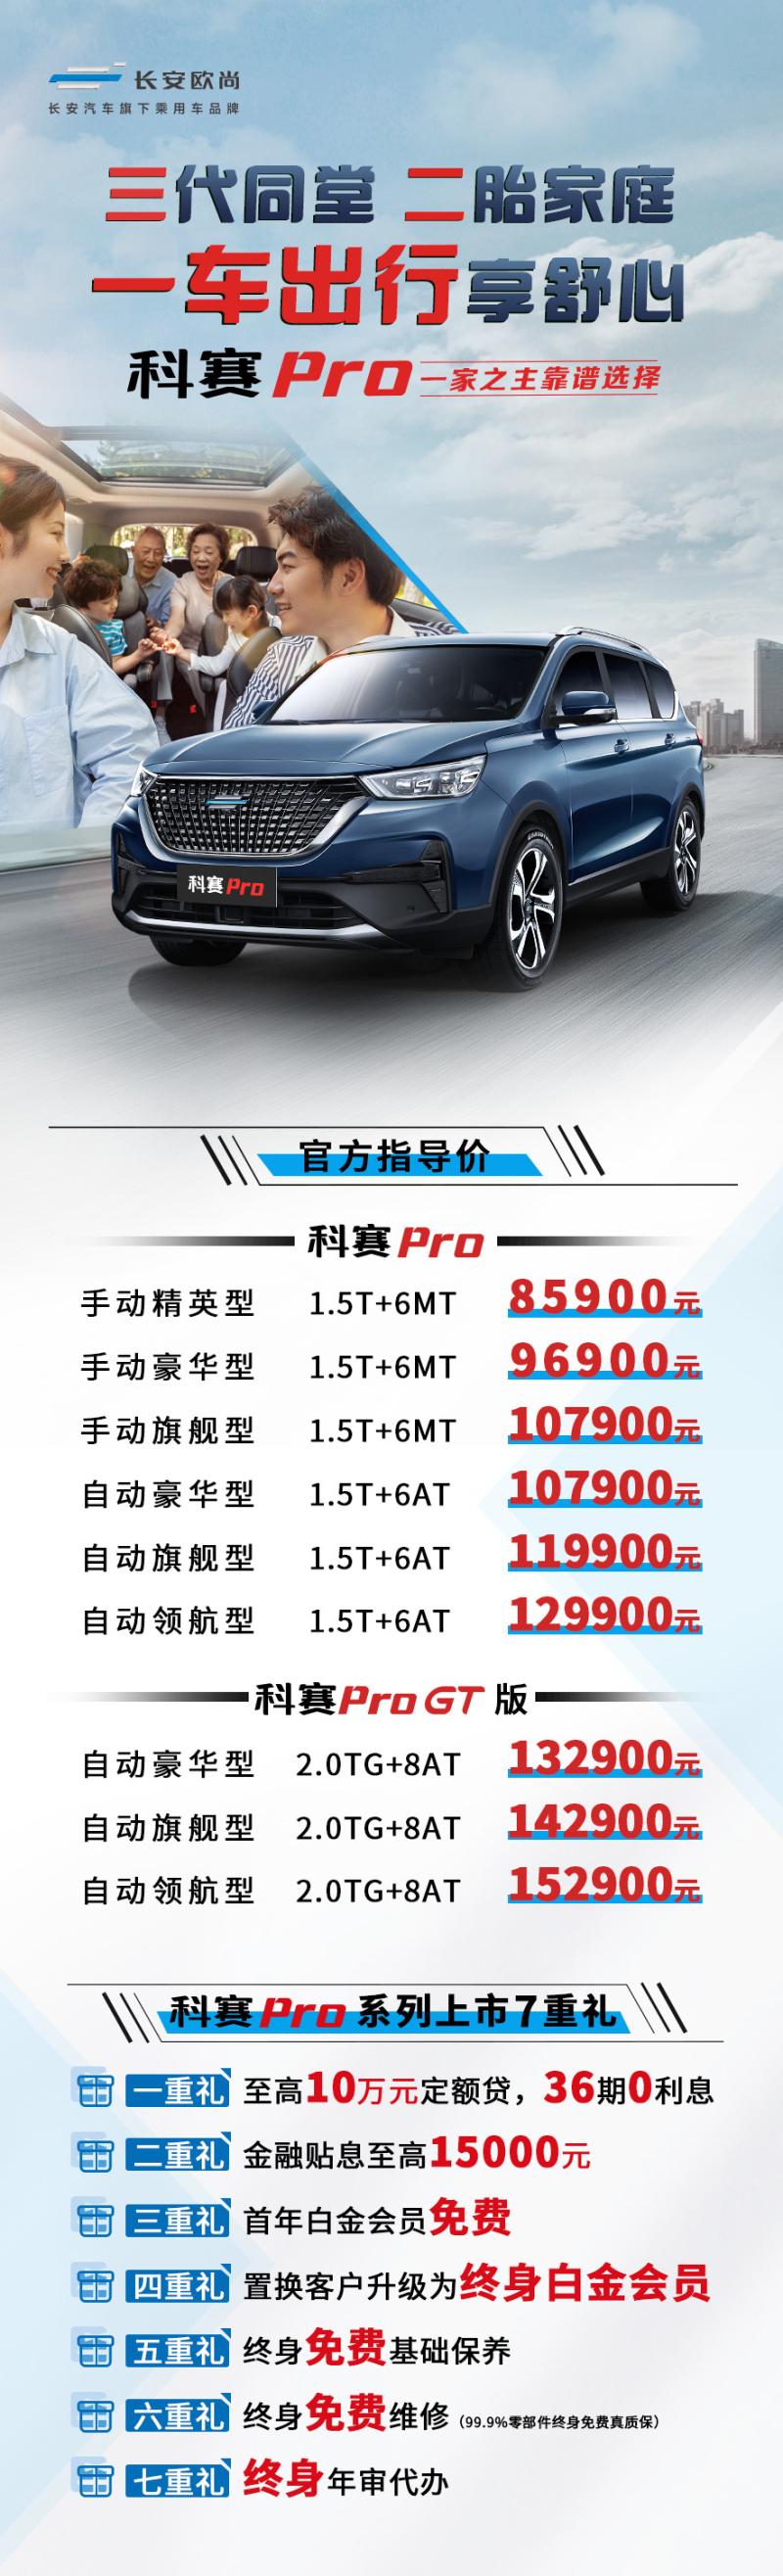 精品长安欧尚科赛Pro 8.59万起顾家上市